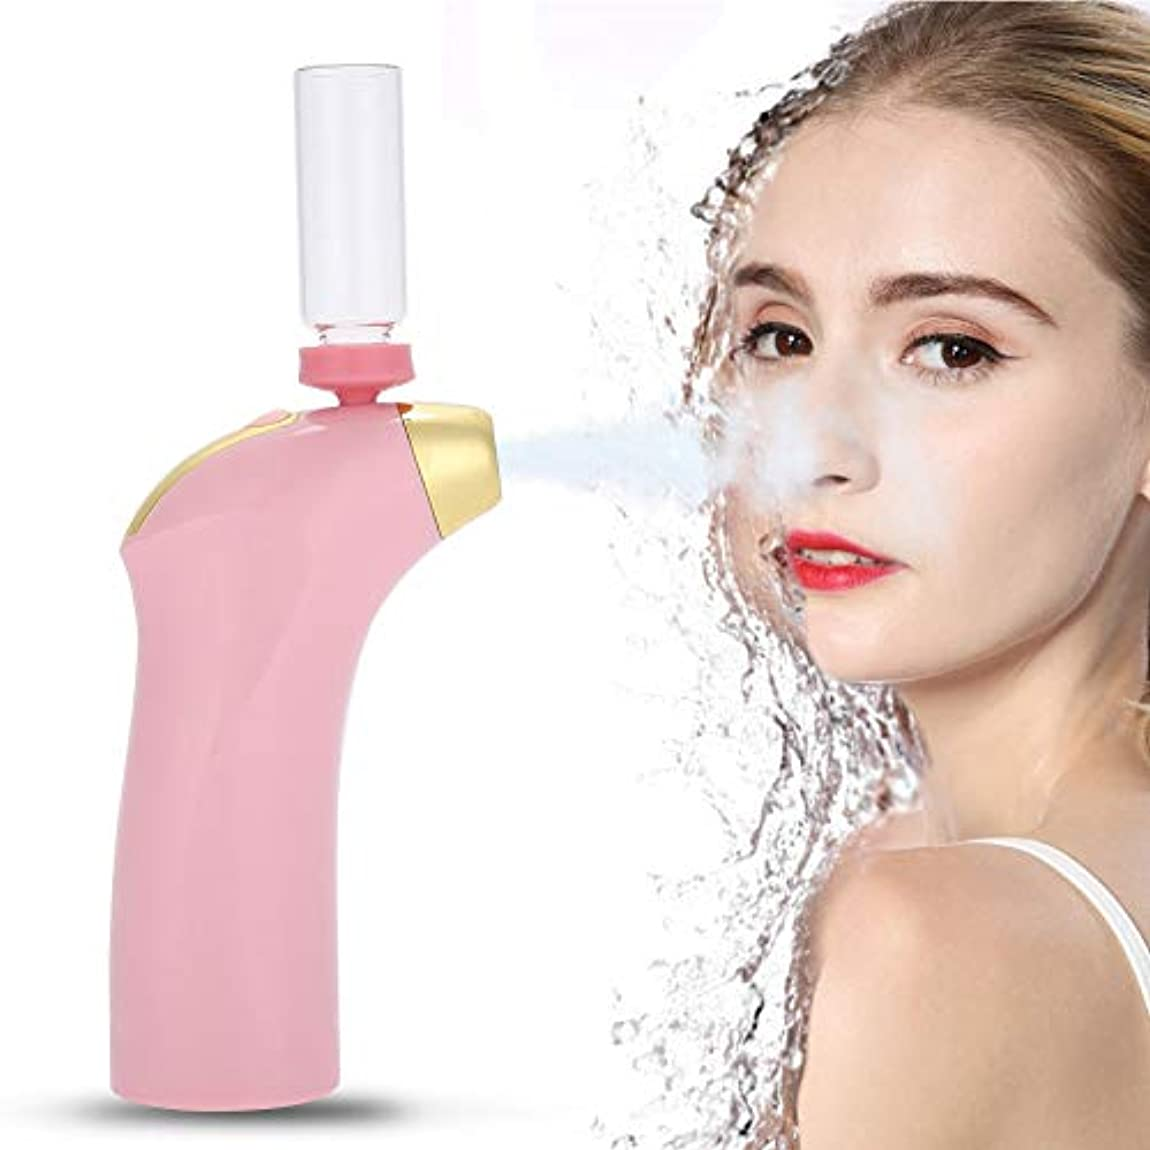 ハンマー比べるパック専門の酸素の注入のスプレーガン - 顔の皮の若返りの美機械、顔の美の器械、引き締まる皮は、肌の色合い、色素形成を改善します